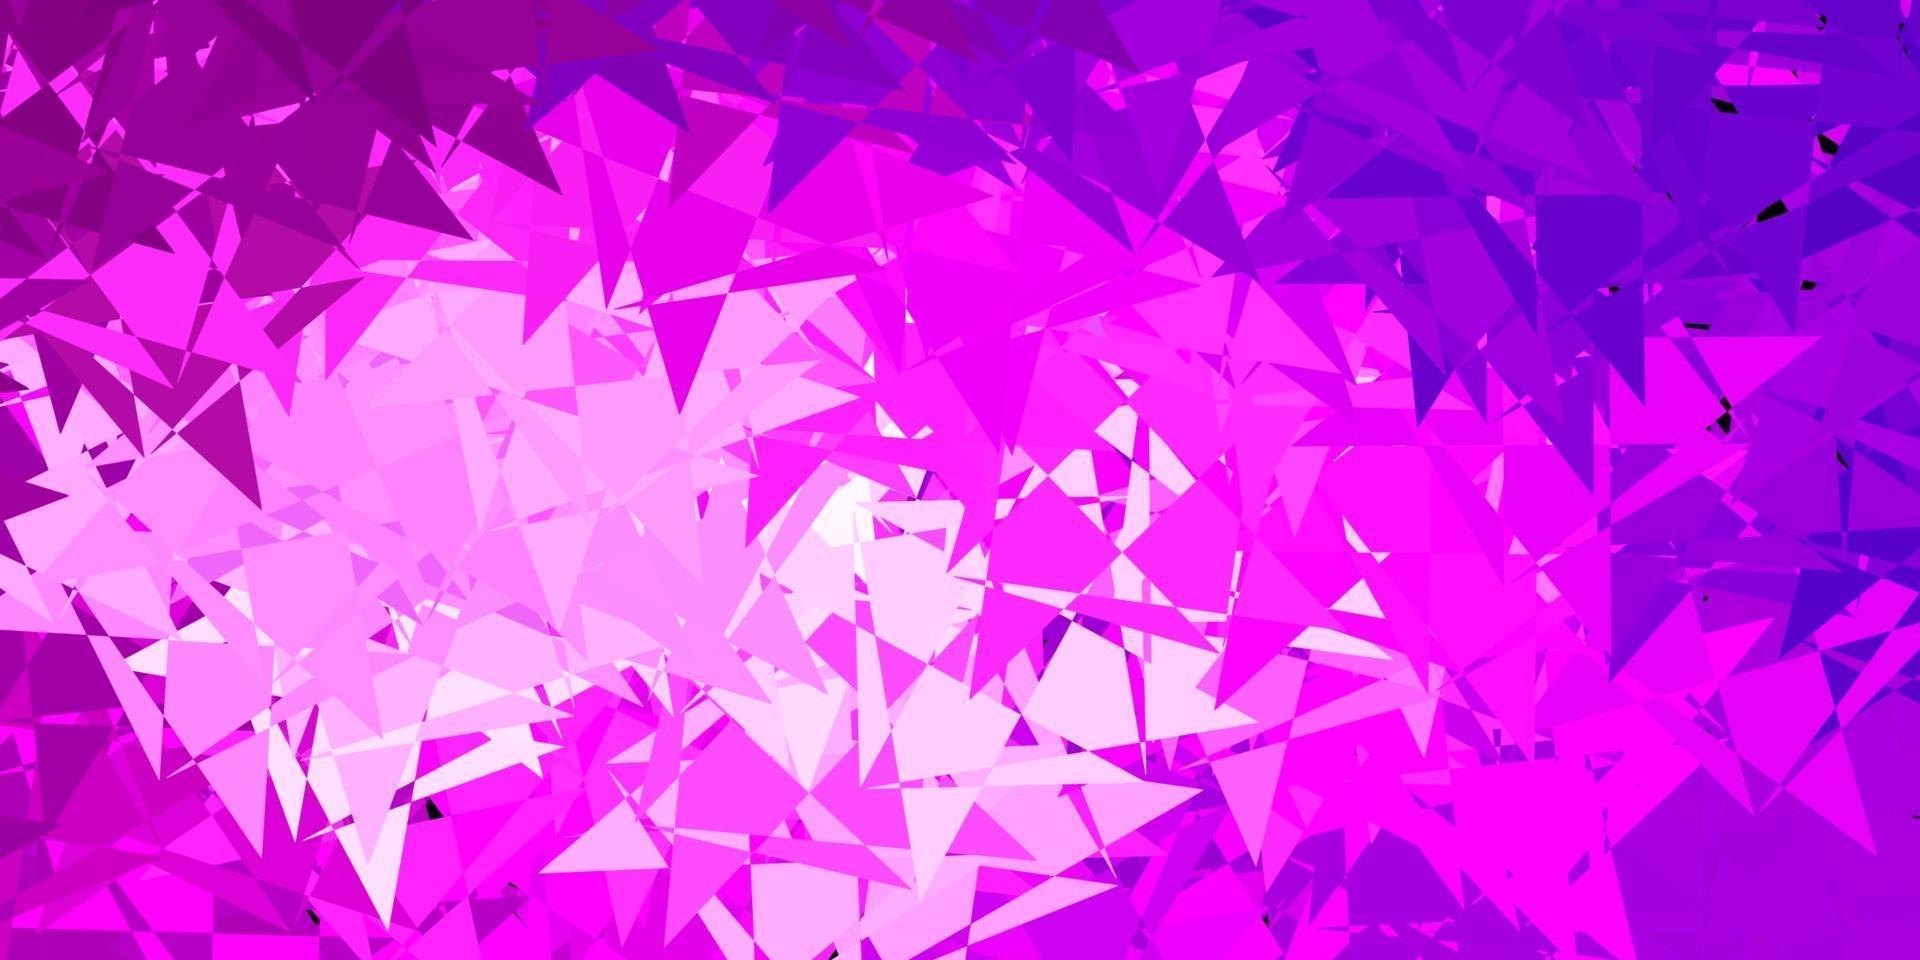 padrão de vetor rosa claro roxo com formas poligonais.